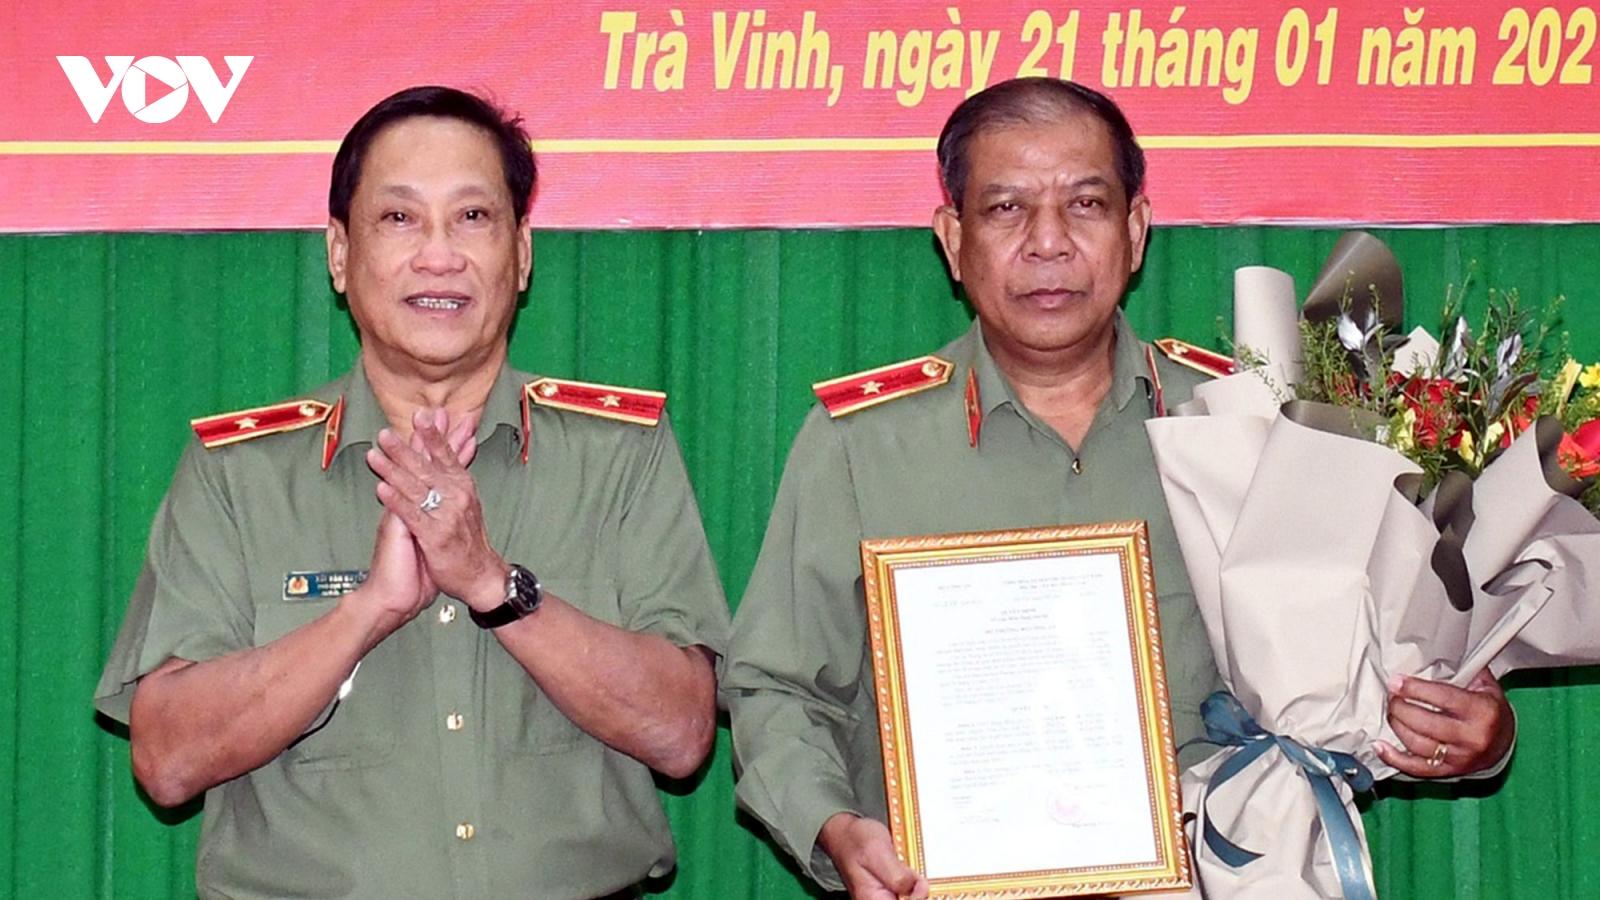 2 cán bộ Công an An Giang và Trà Vinh nhận nhiệm vụ mới